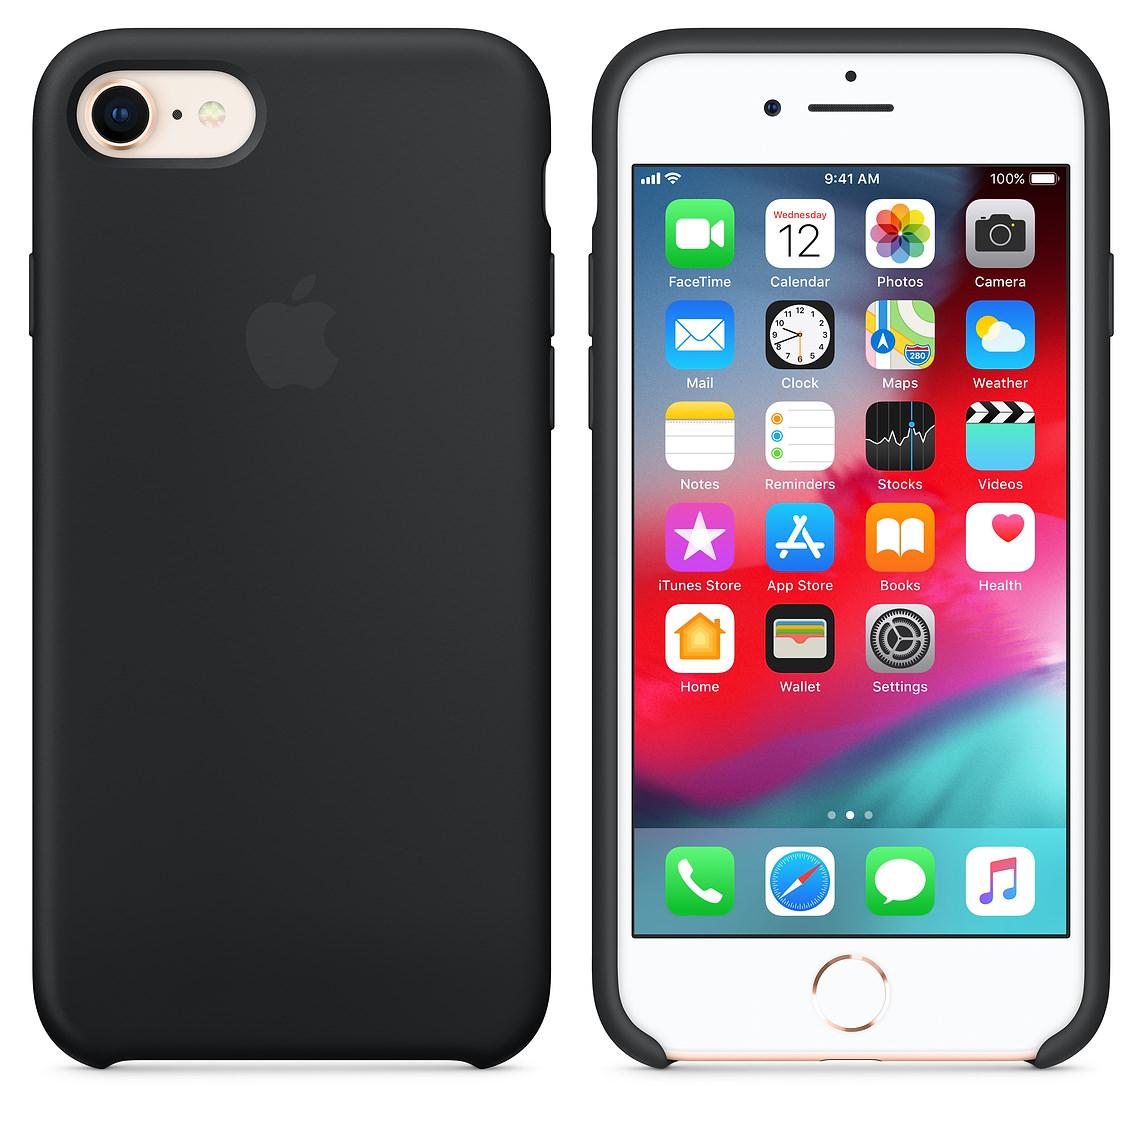 Apple silikónový obal pre iPhone 7 / 8 - čierny 3